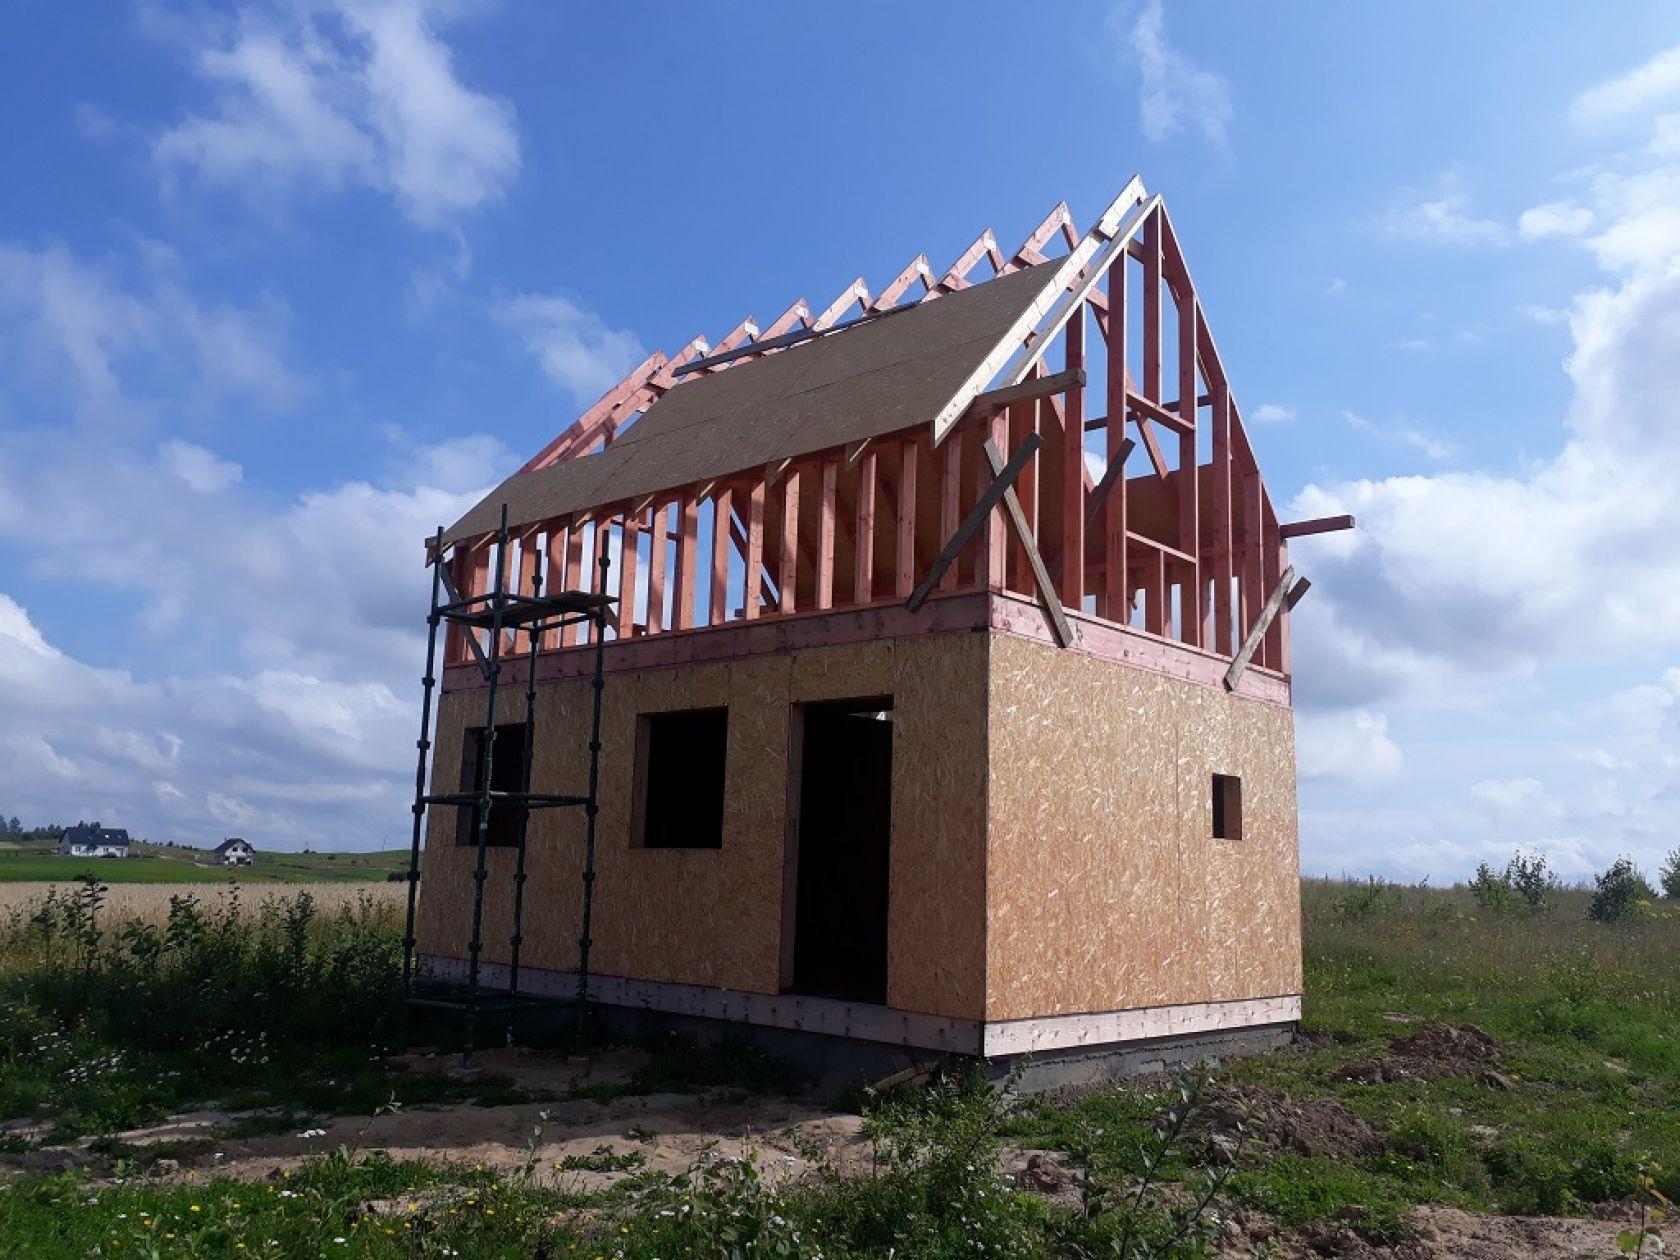 Zlece dokonczenie budowy domku letniskowego